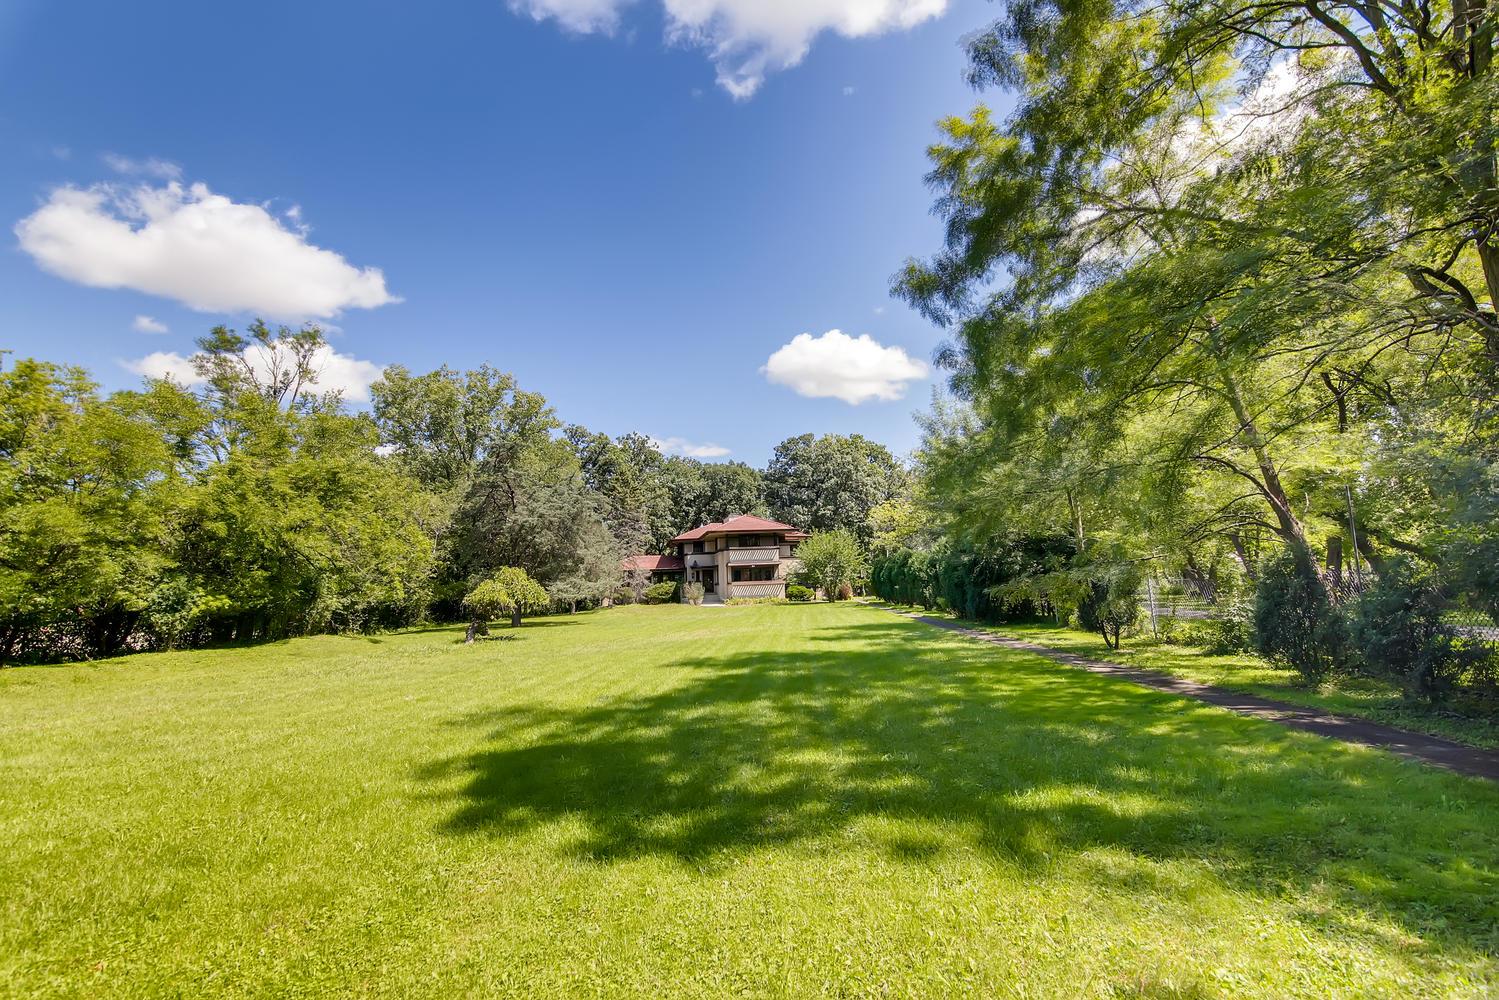 Οικόπεδο για την Πώληση στο Land Backing To Des Plaines River 601 N 1st Avenue, Maywood, Ιλινοϊσ 60153 Ηνωμένες Πολιτείες